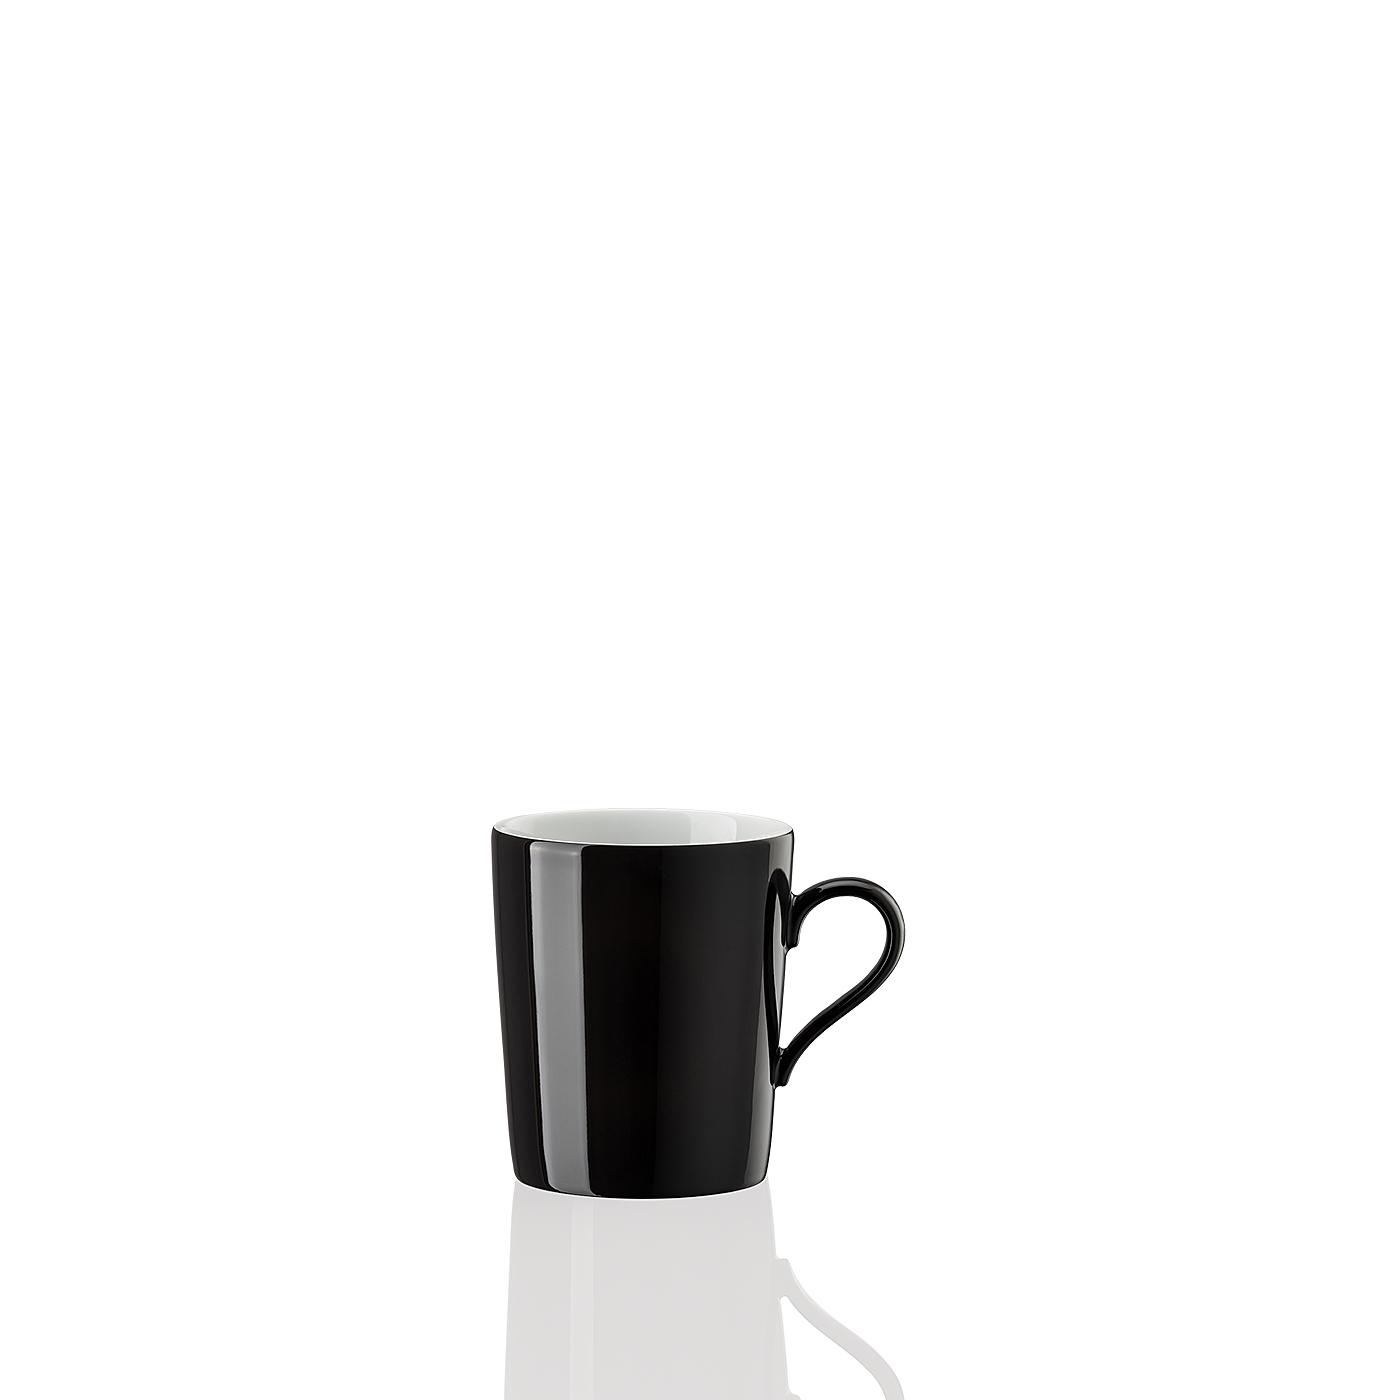 Becher mit Henkel Tric Monochrome Arzberg